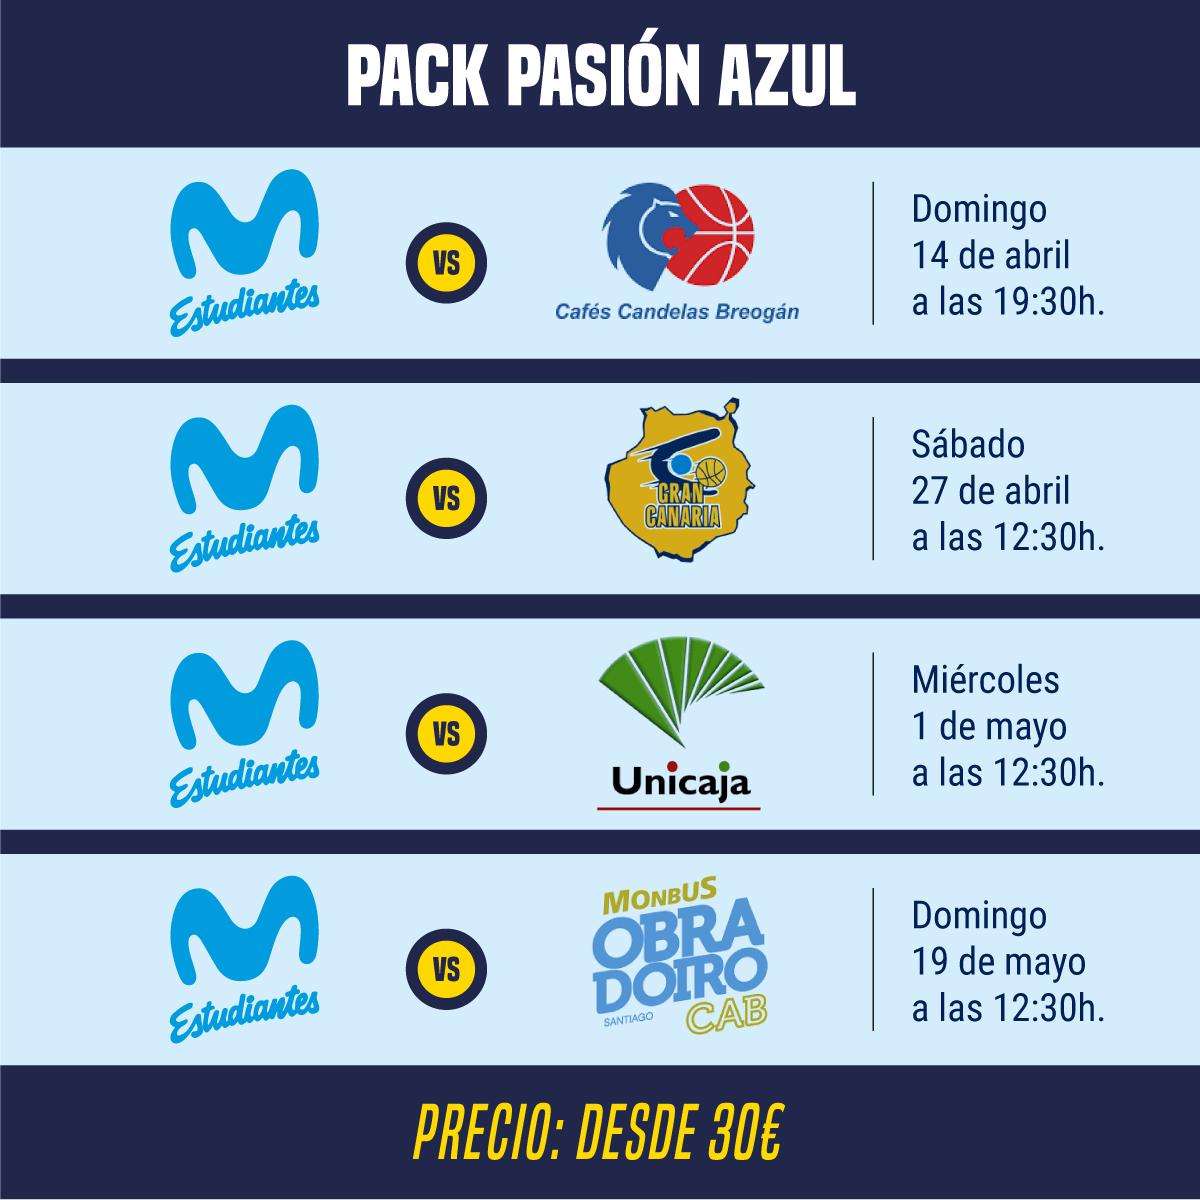 Pack Pasión Azul: cuatro finales desde 15€